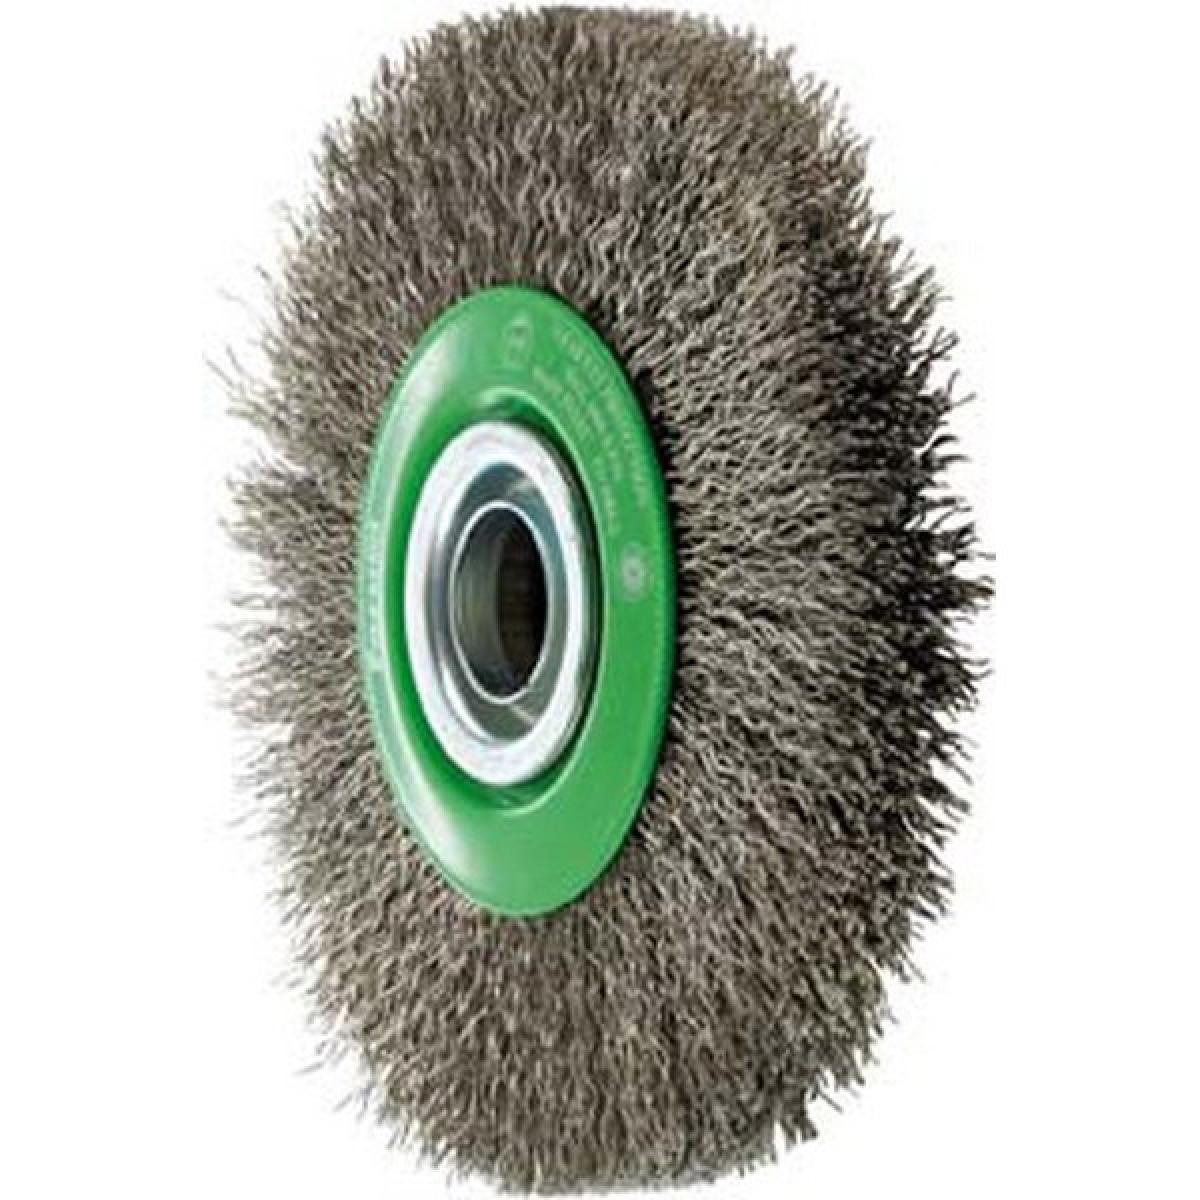 Forum Brosse circulaire, fil d'acier inoxydable de 0,3 mm, ondulé, Ø de la brosse : 125 mm, Larg. : de travail 22 mm, Vitesse